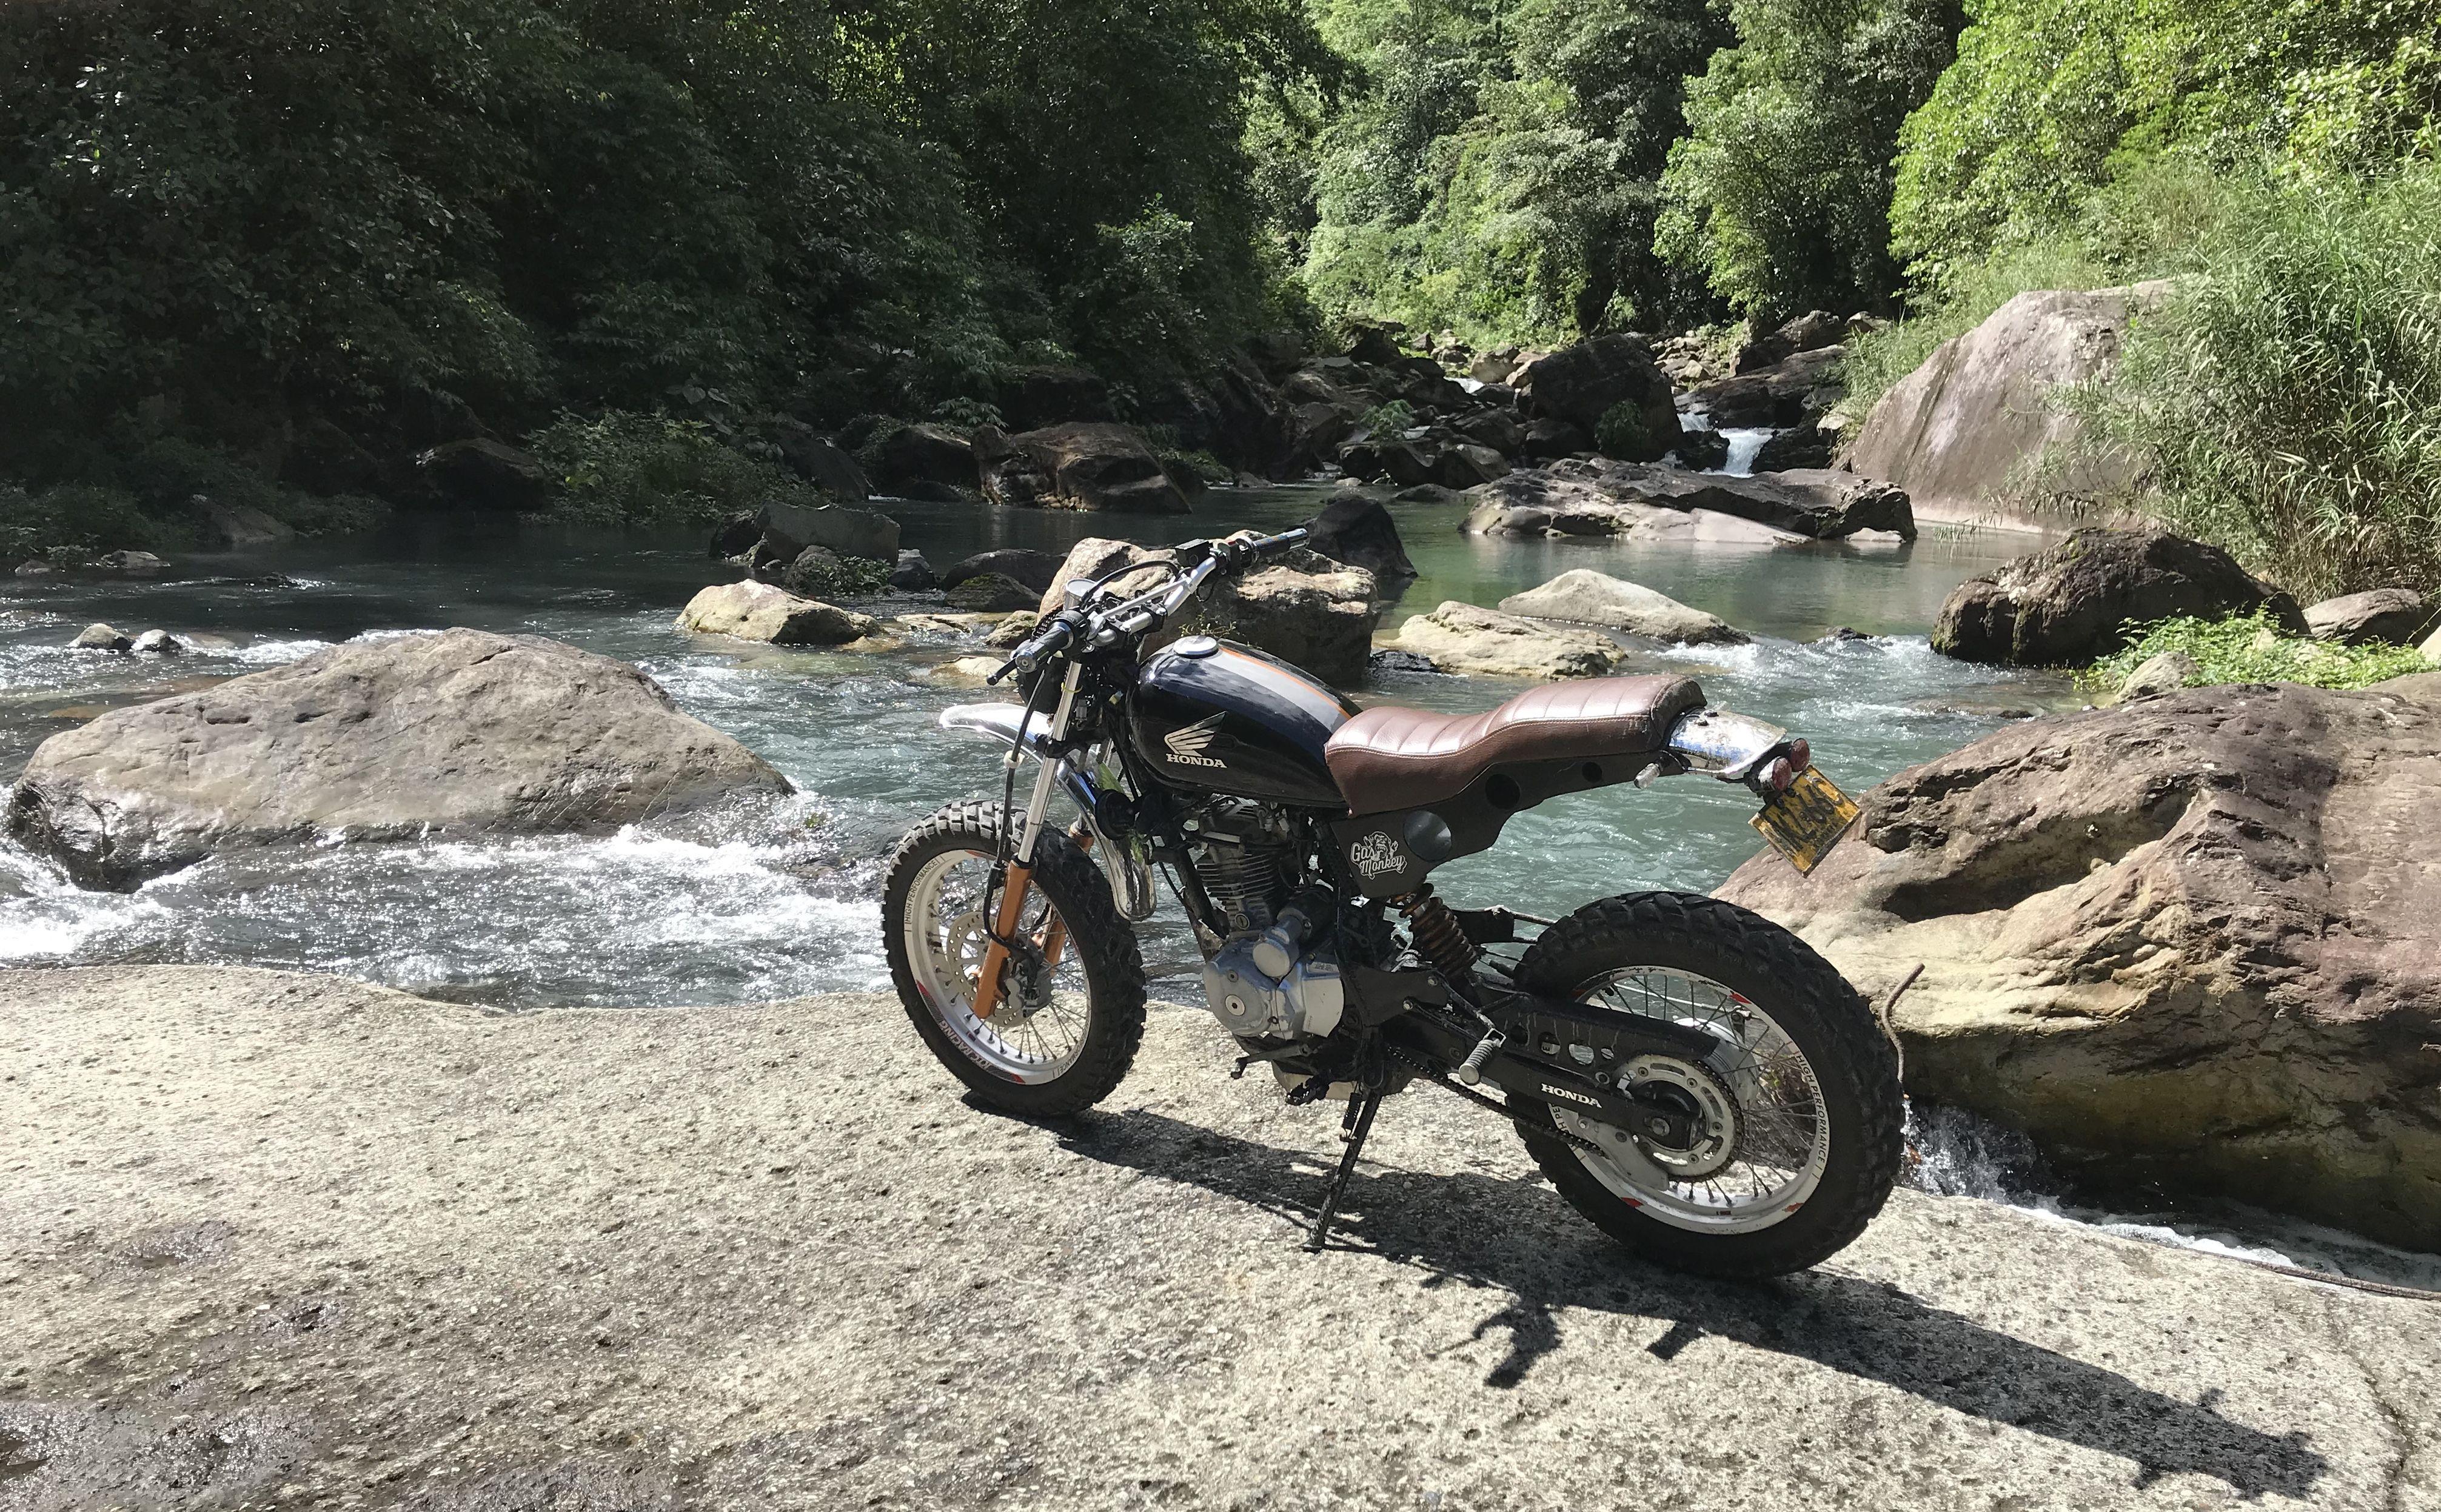 Honda Xlr 125 Scrambler Moto Modificada Motos